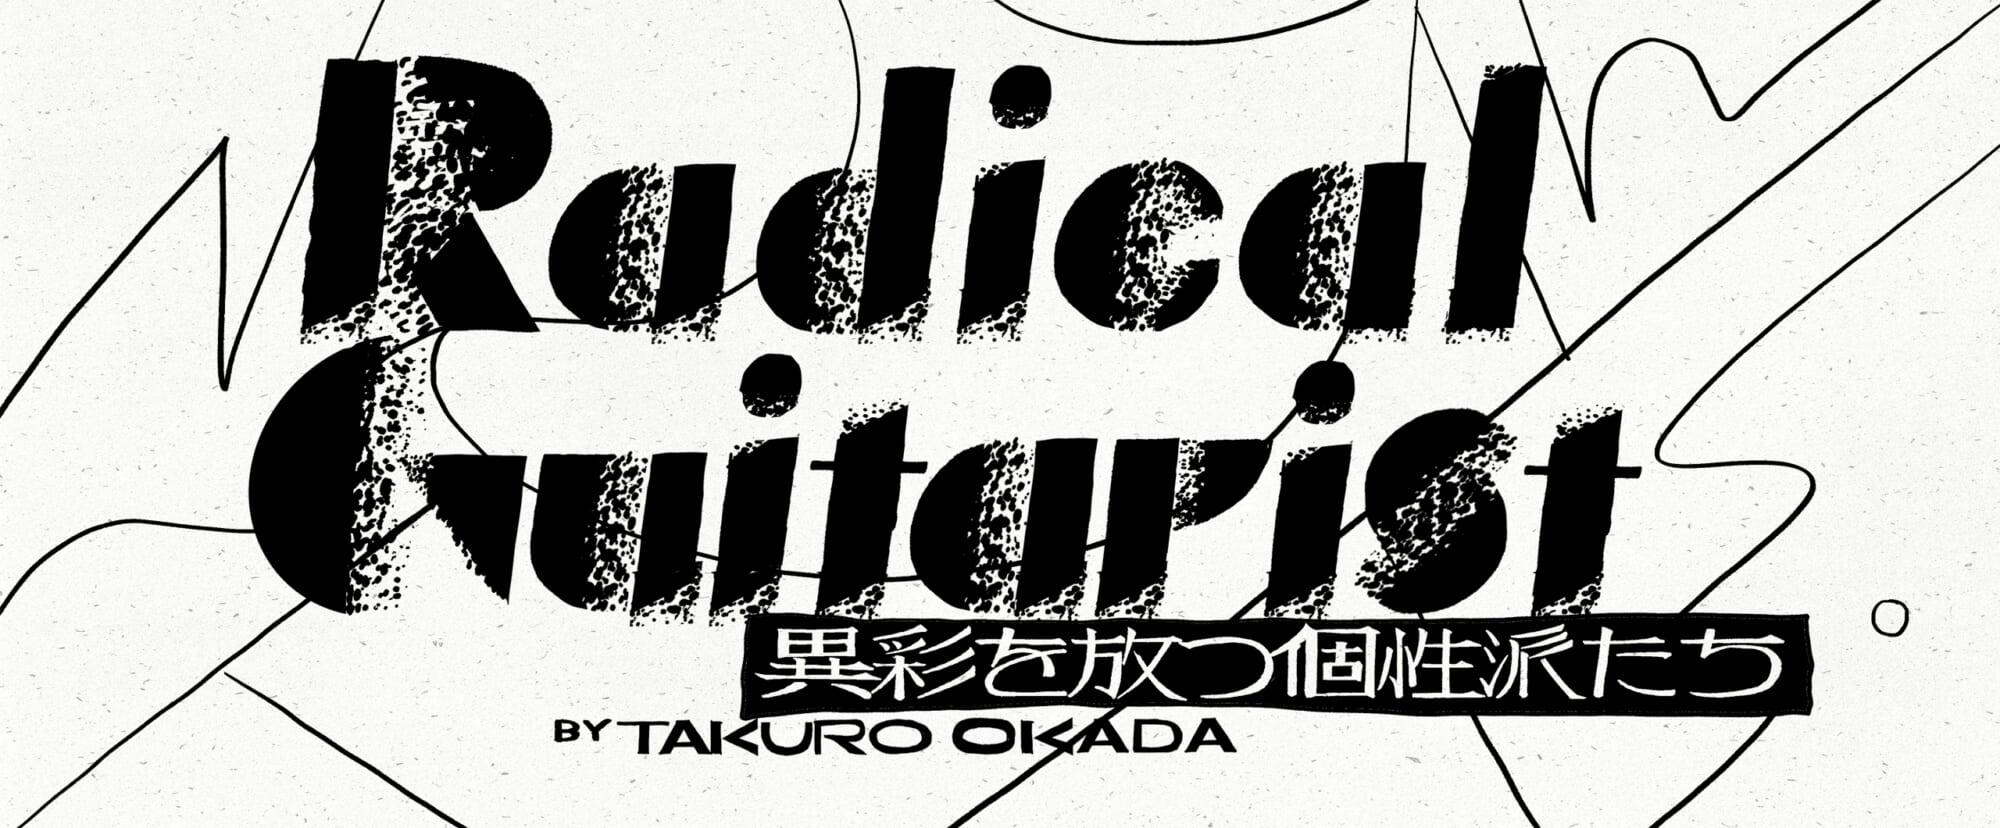 """ヘンリー・カイザーの基本情報岡田拓郎の""""Radical Guitarist""""第6回"""